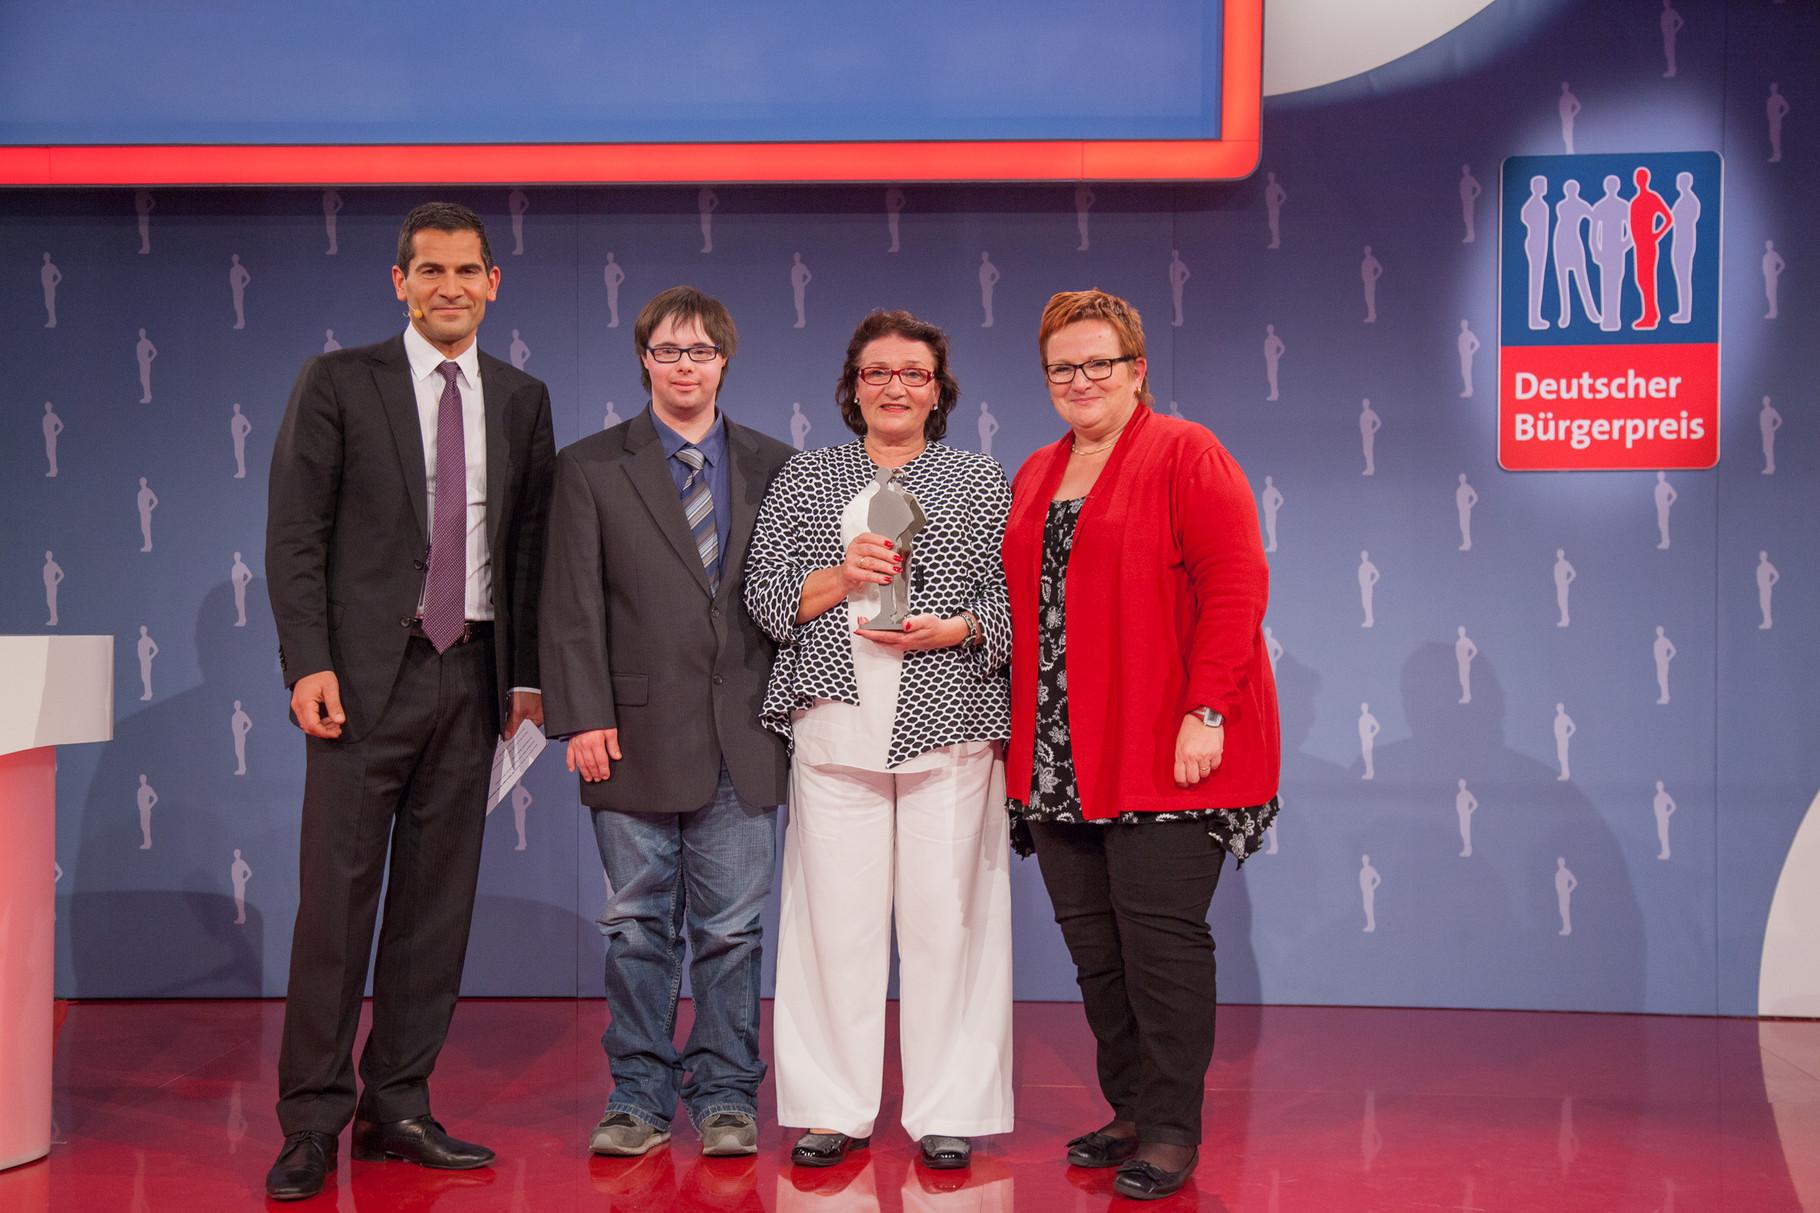 Maria Klein (zweite von rechts) wurde für ihr Lebenswerk ausgezeichnet und das verdient! Seit Jahrzehnten unterstützt sie Menschen, die Kinder mit Down-Syndrom haben.